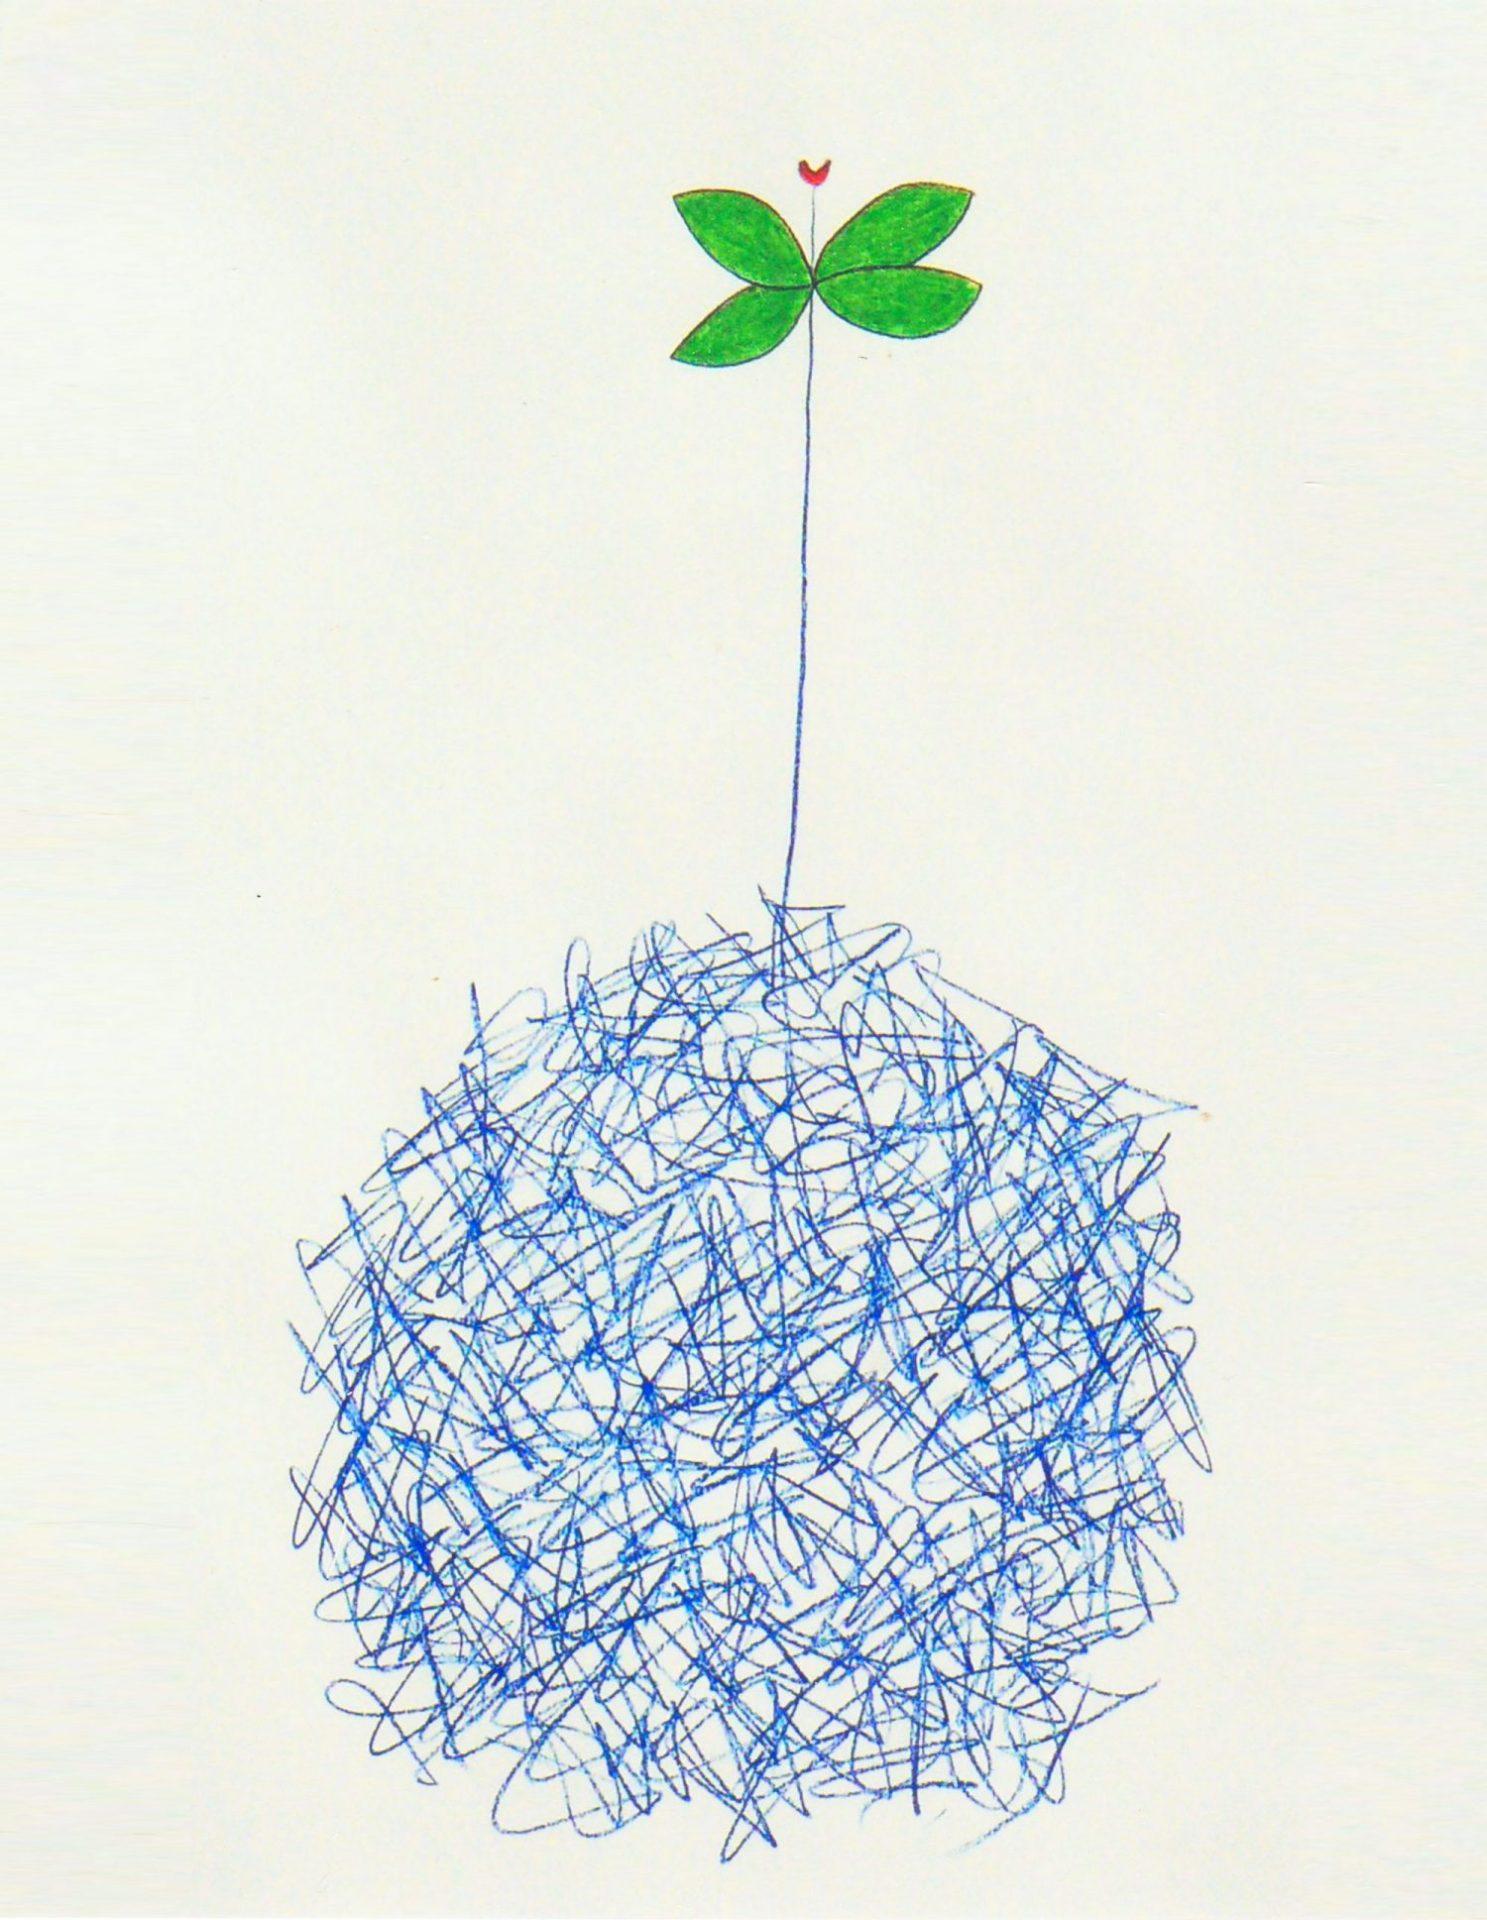 Botanique 17- Crayons de couleur sur papier 50 x 65cm - 2004